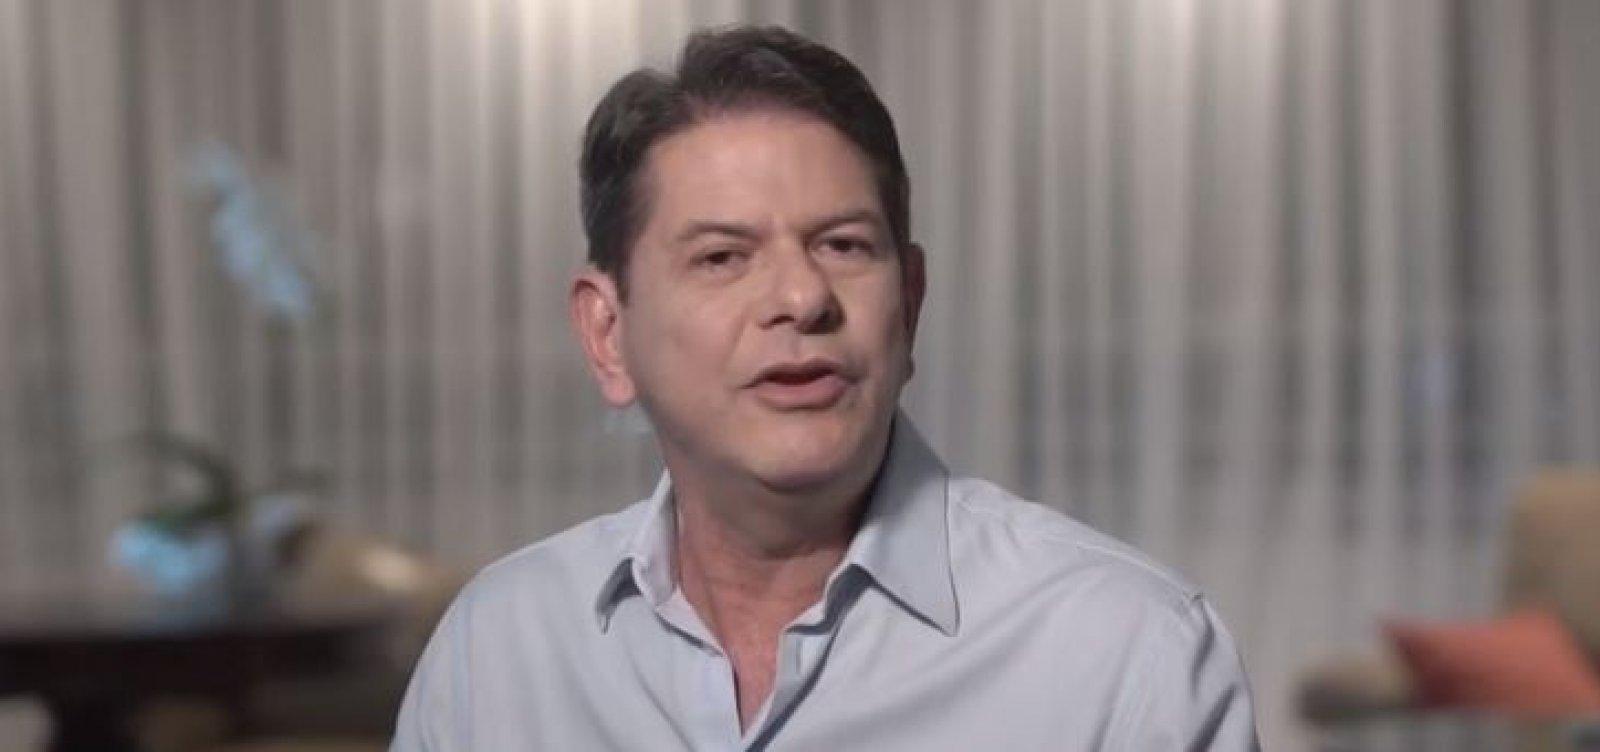 [Cid Gomes divulga vídeo em apoio a Haddad: 'É o melhor para o Brasil']